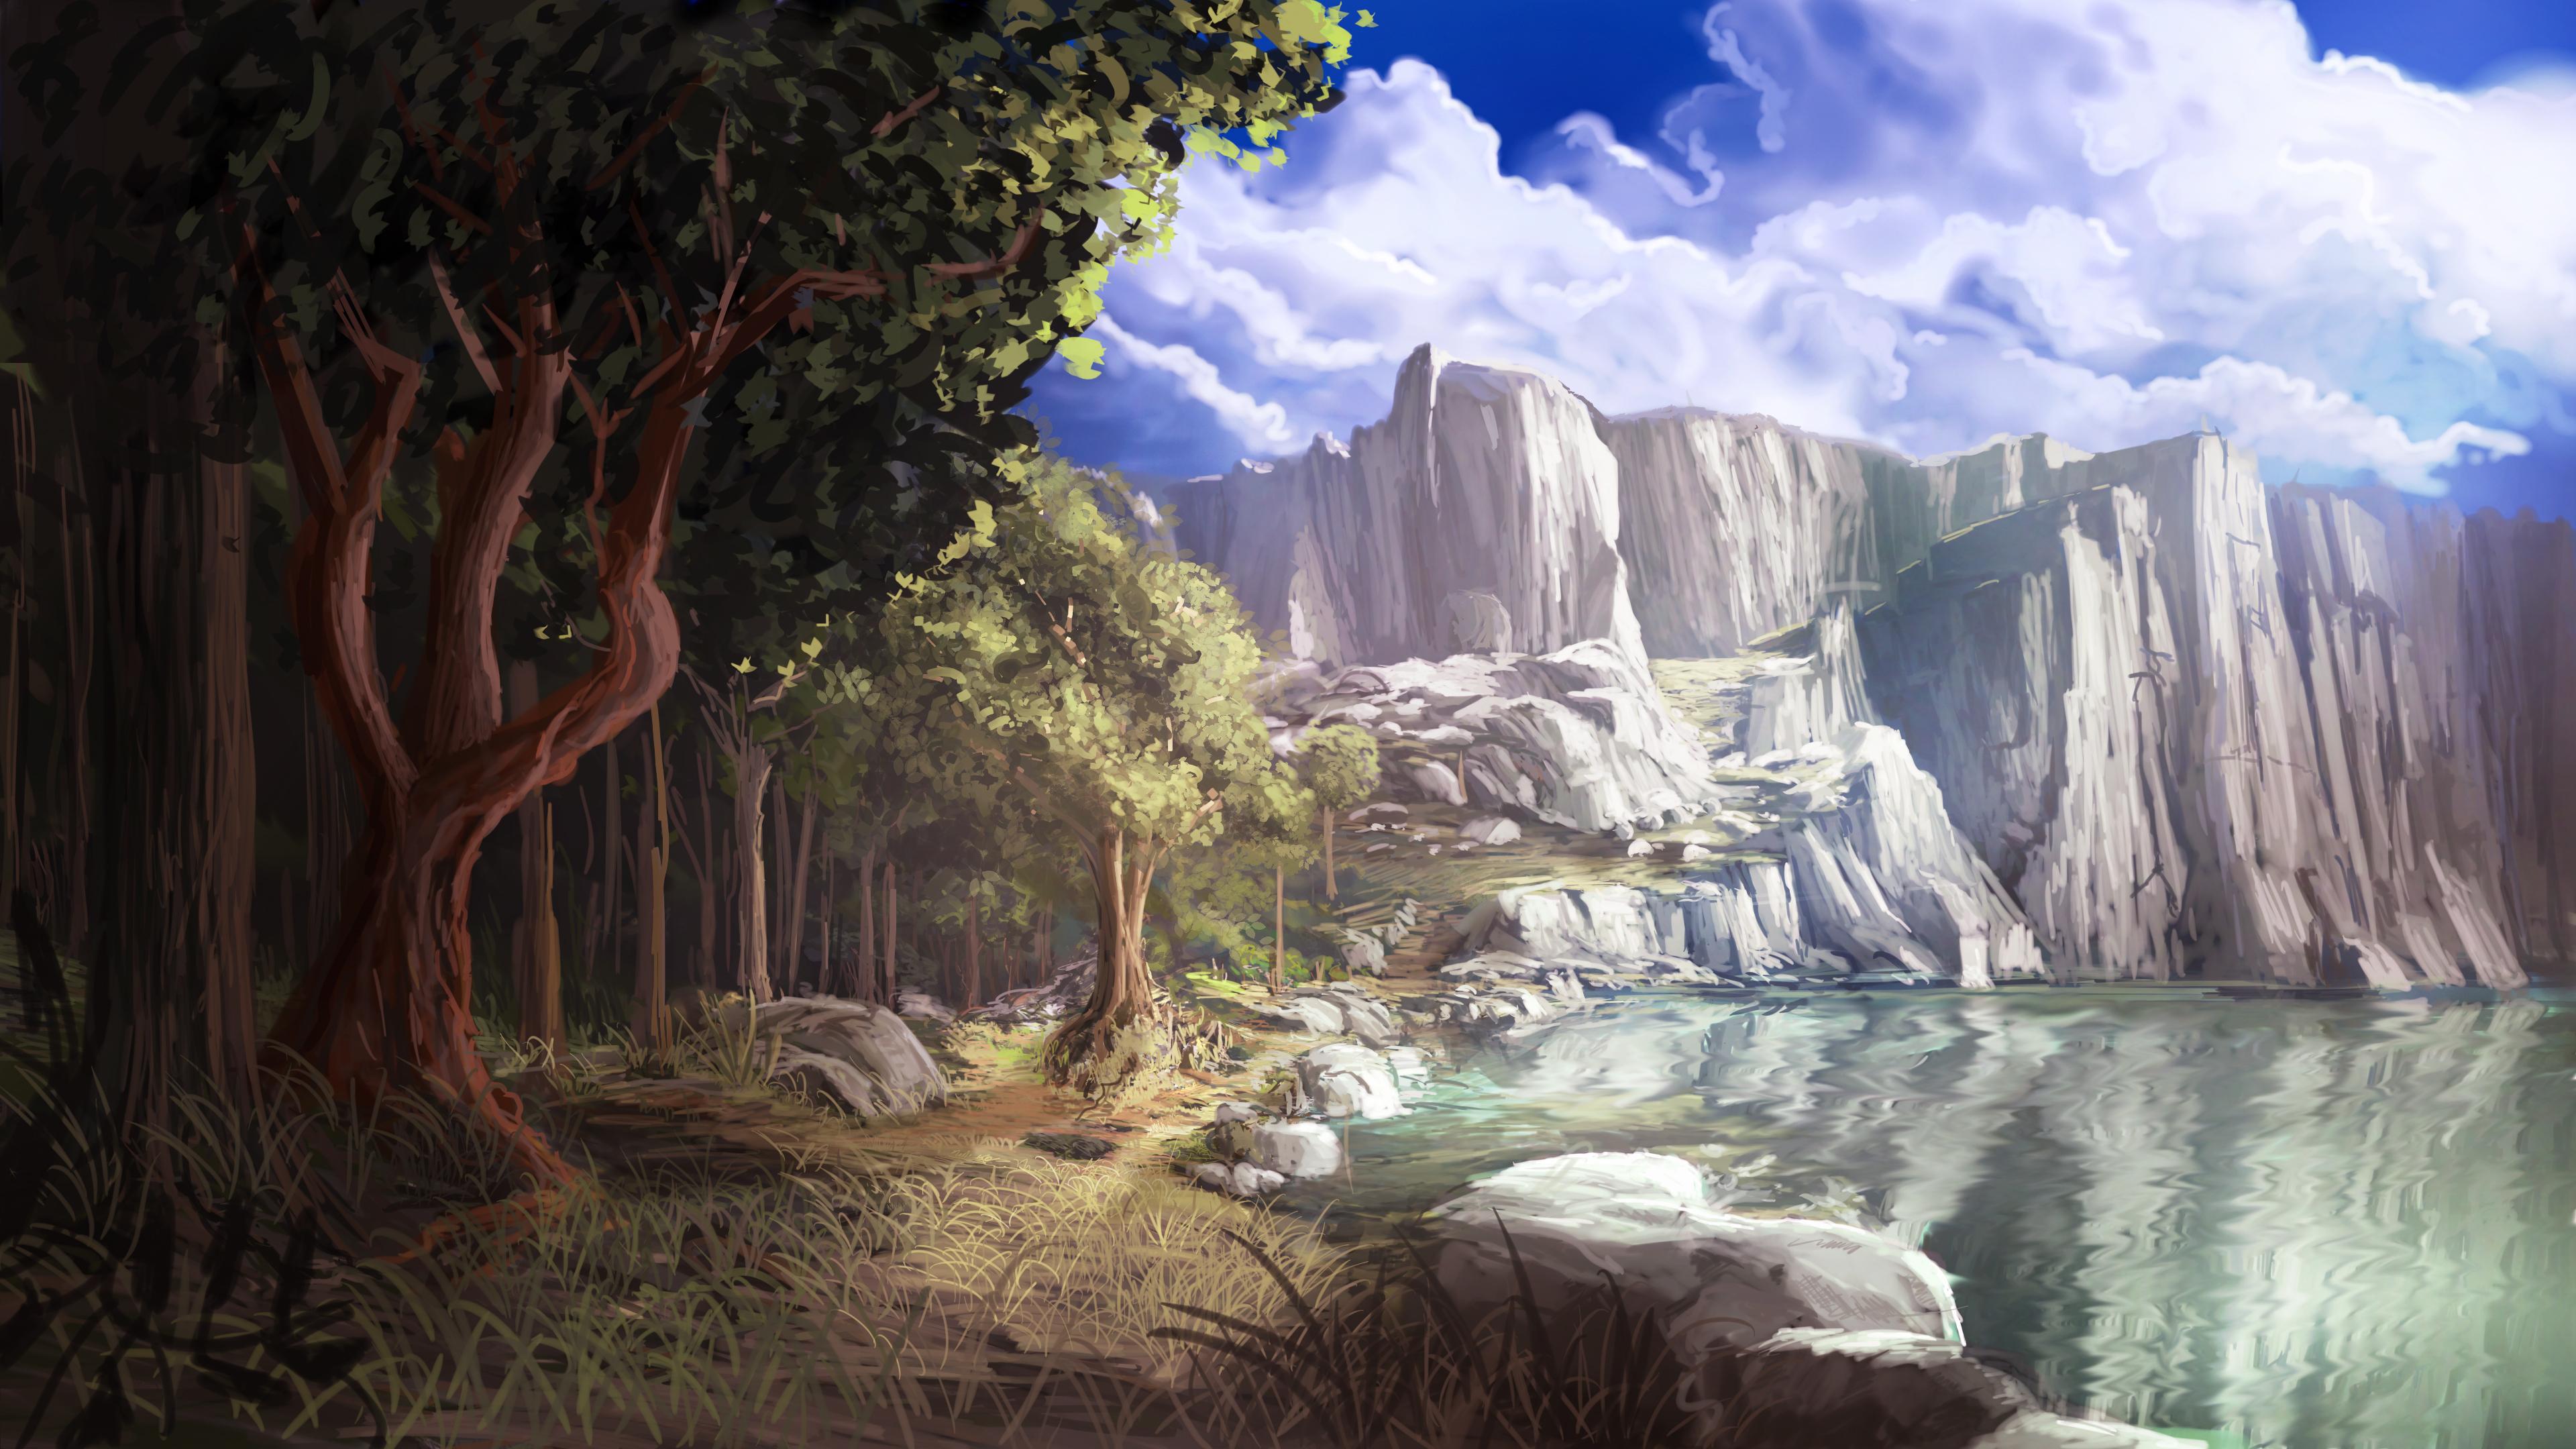 природа река горы скалы деревья облака  № 3796707 без смс